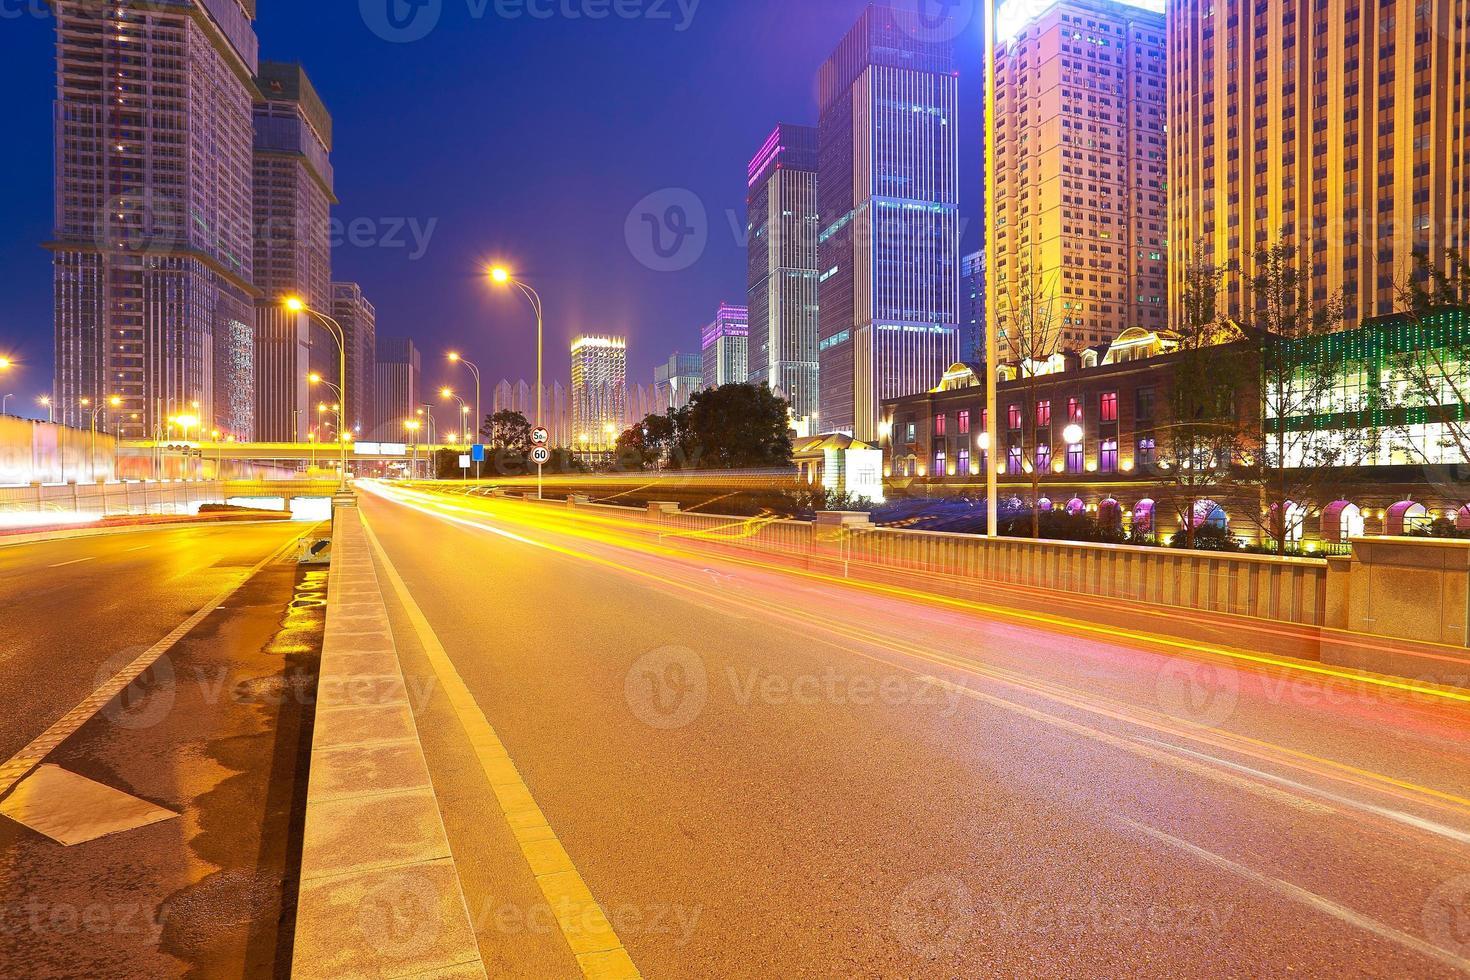 stadsbyggnad gatascen och nattens scenväg foto